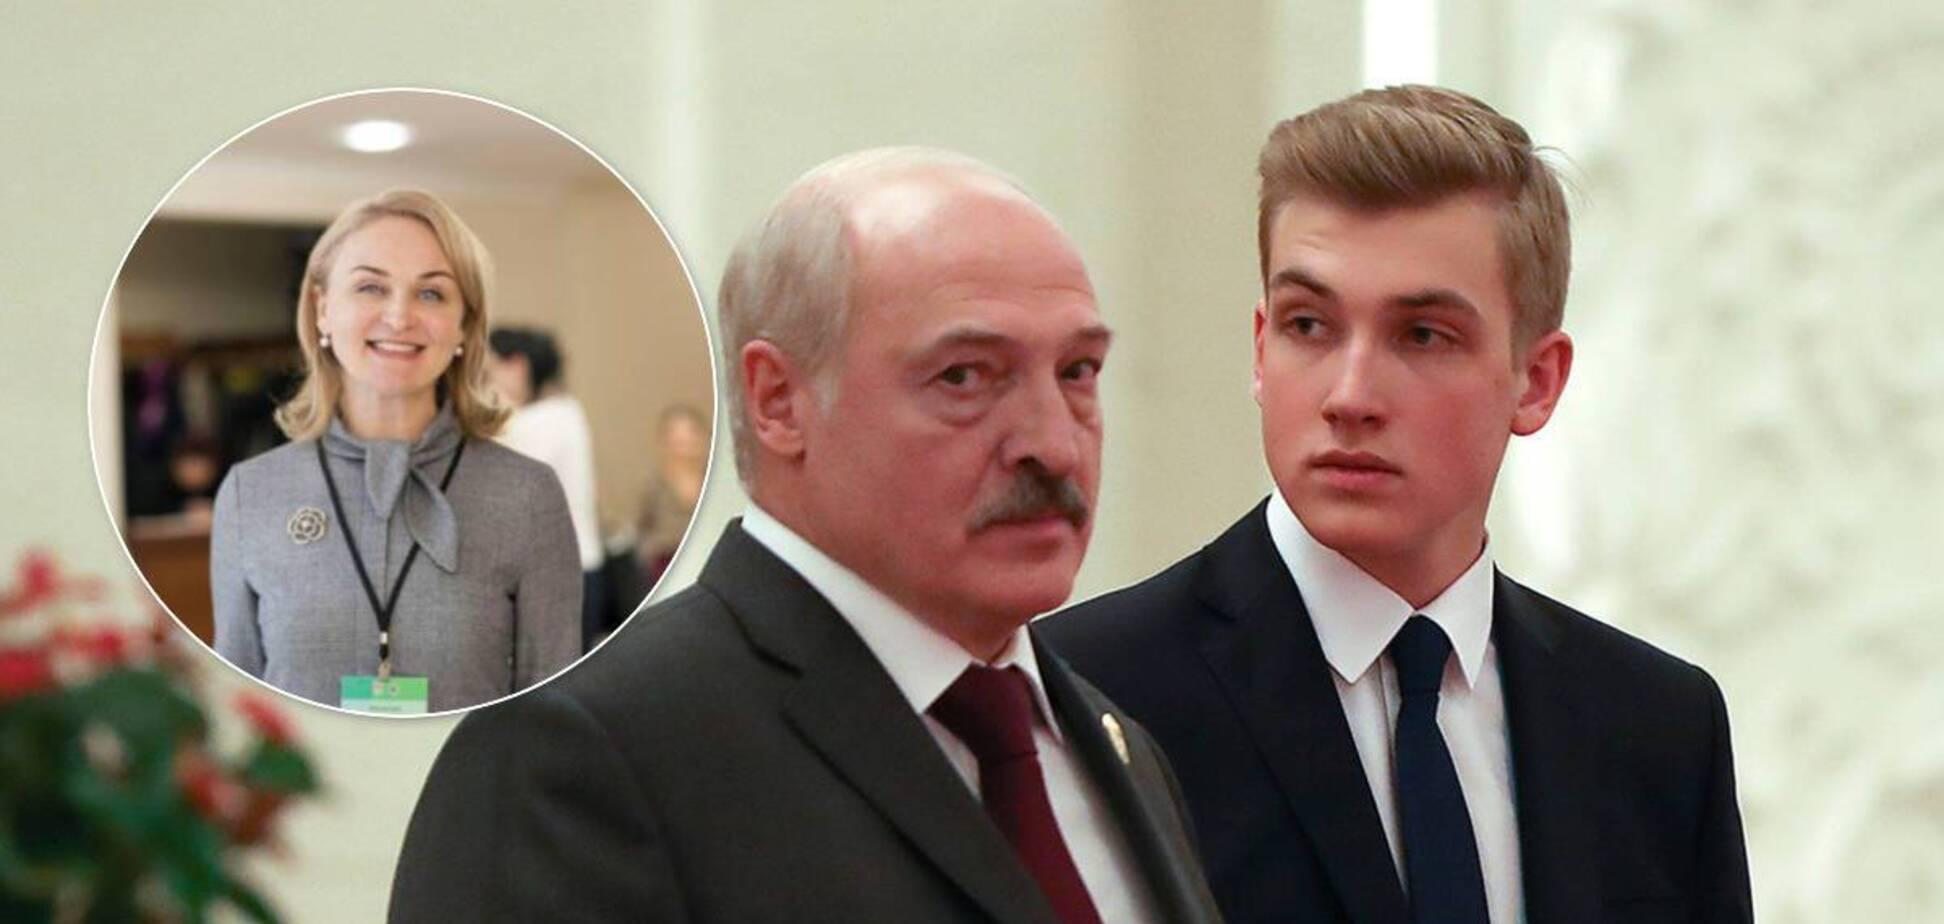 Олександр і Микола Лукашенки, Ірина Абельська (колаж)